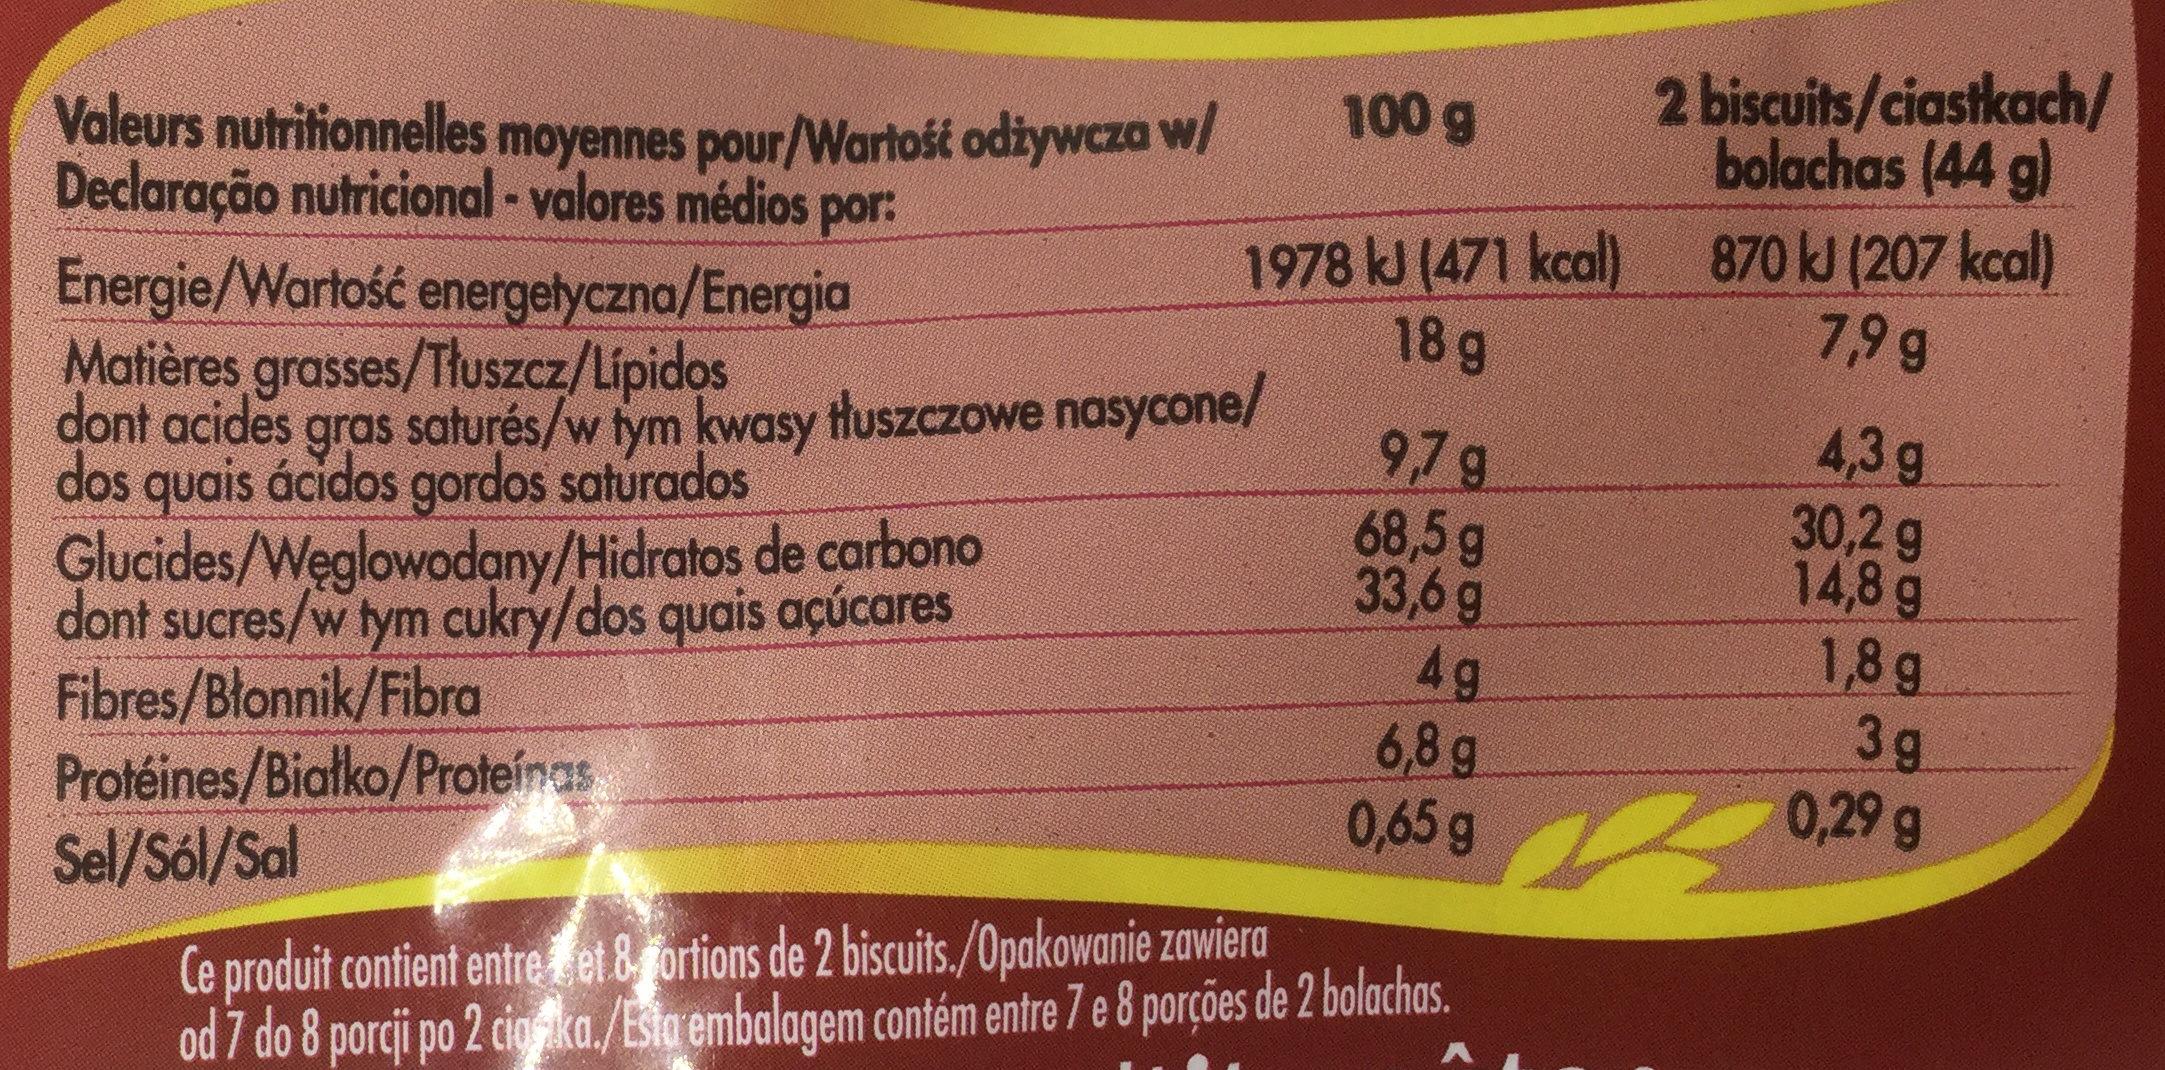 Goûter Crok parfum tout chocolat - Wartości odżywcze